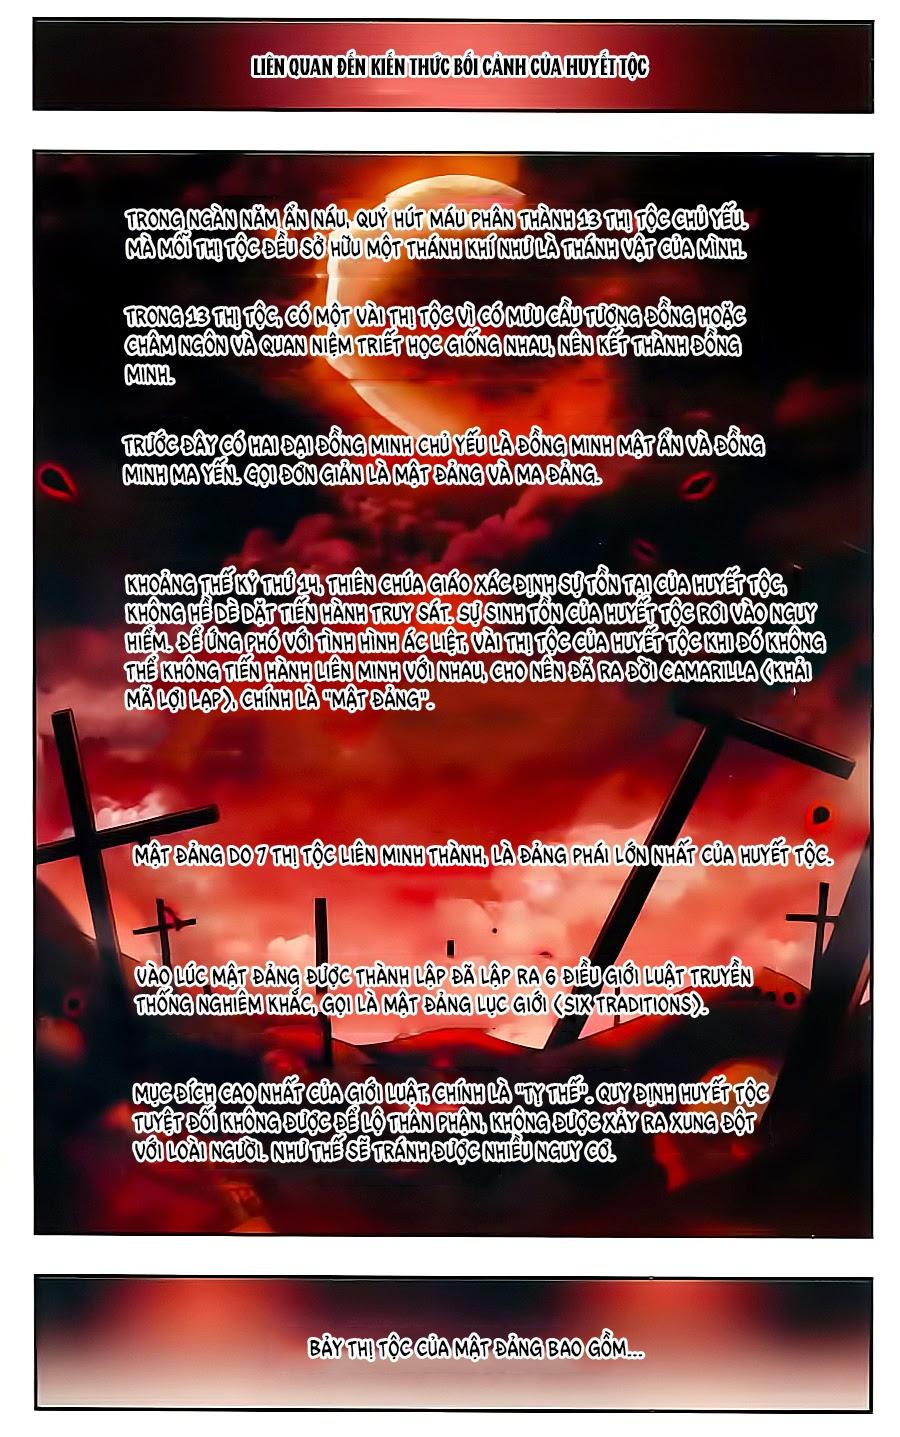 a3manga.com huyết tộc cấm vực chap 37